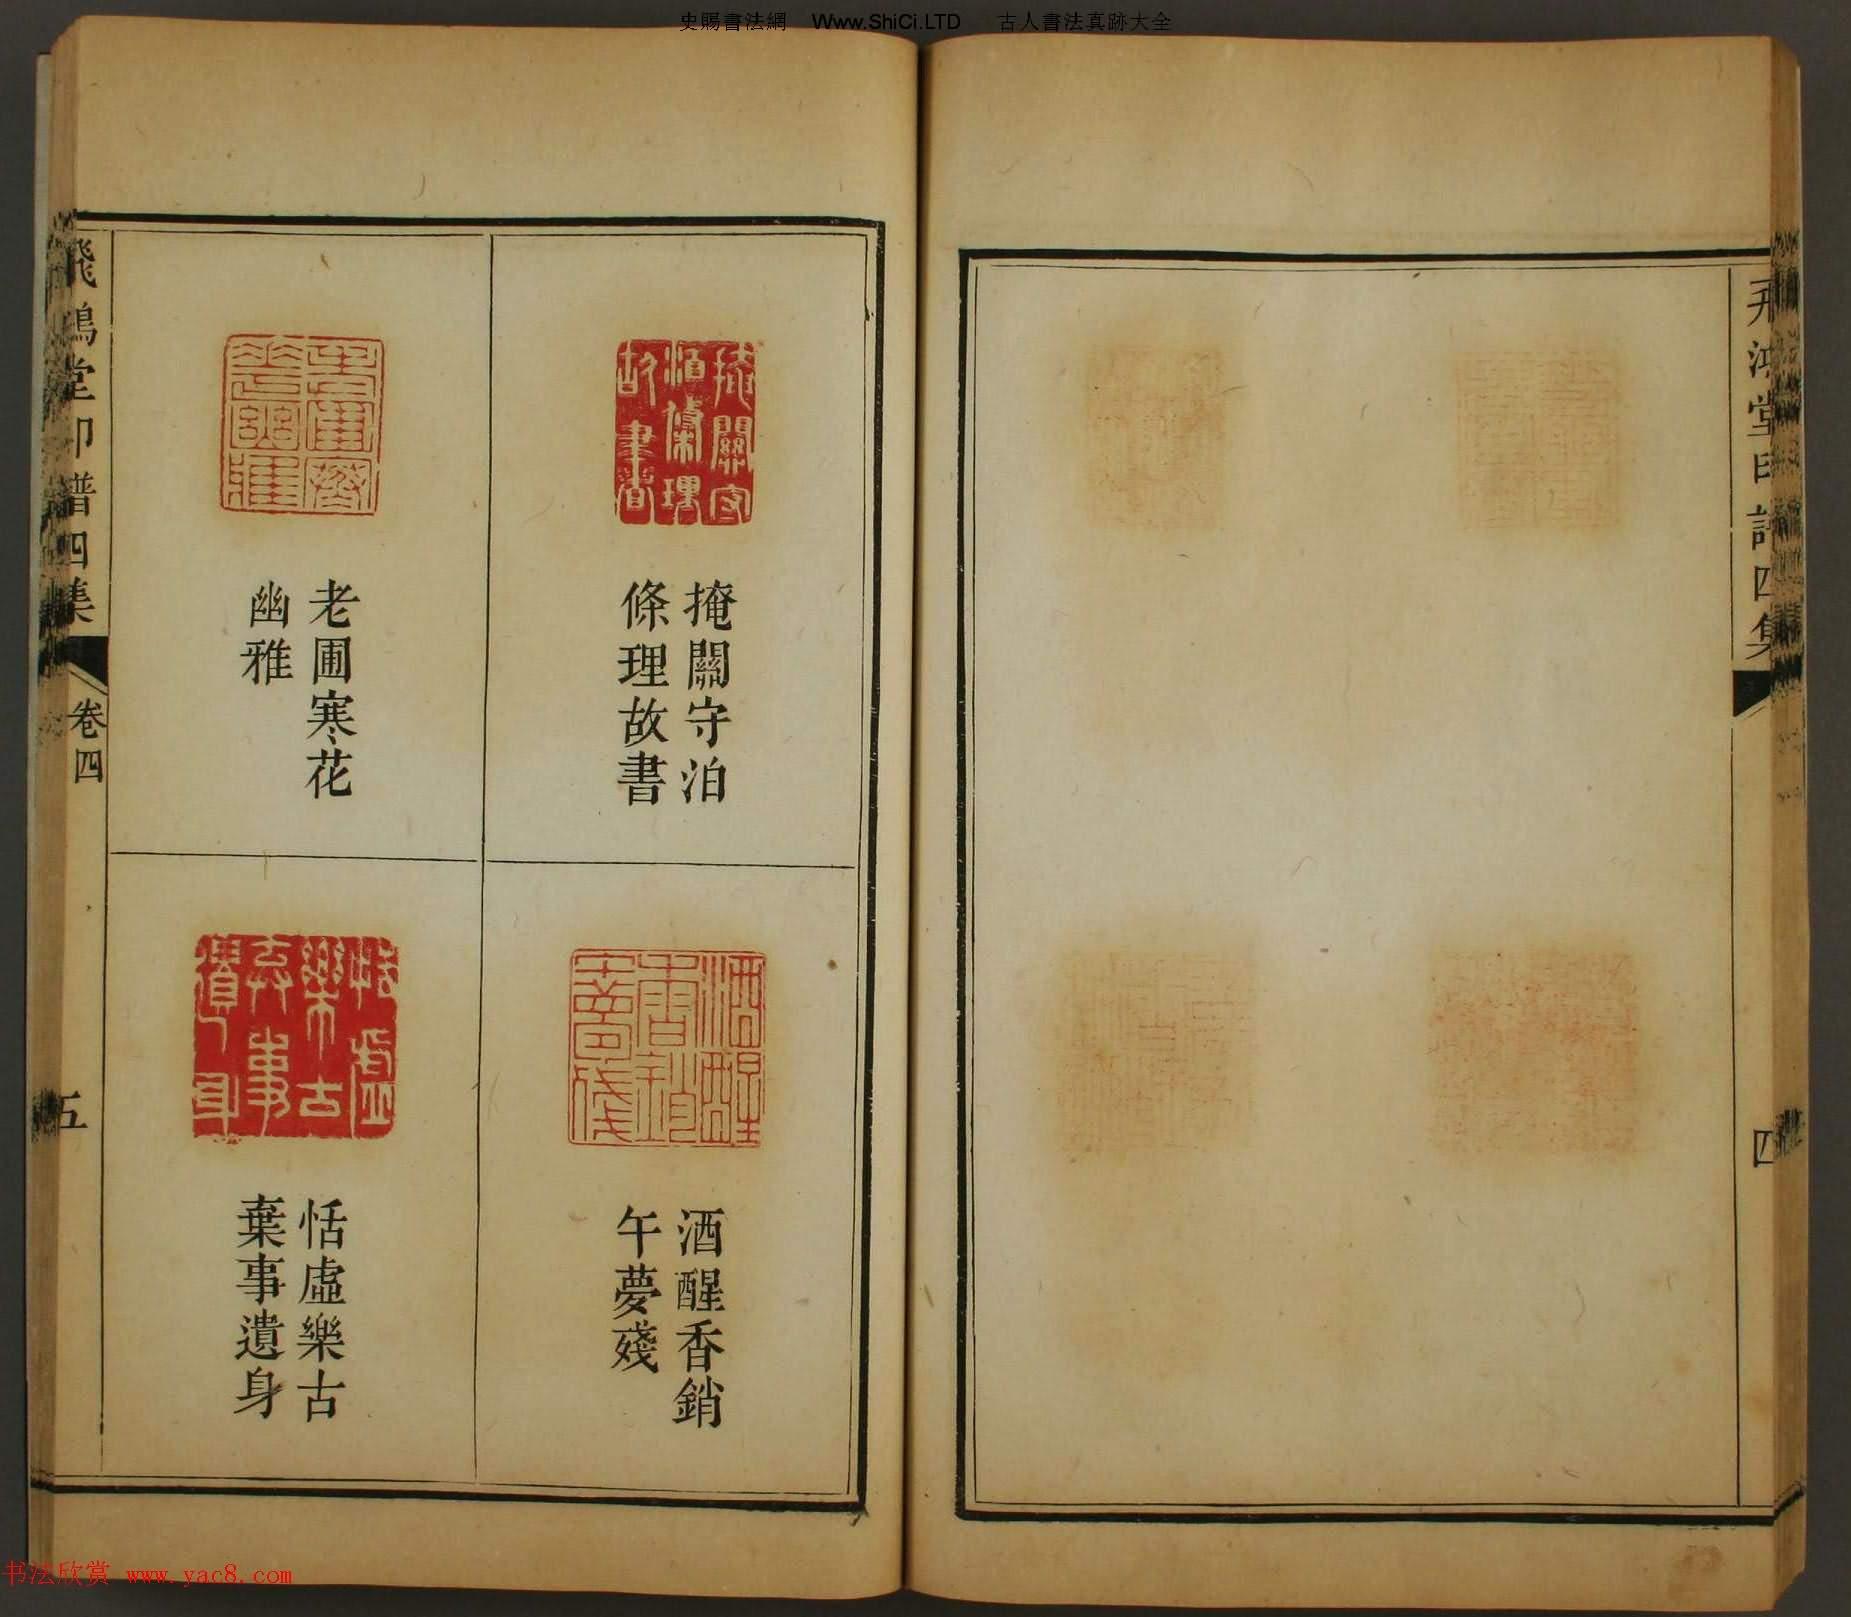 早稻田文庫《飛鴻堂印譜四集》卷三卷四合輯